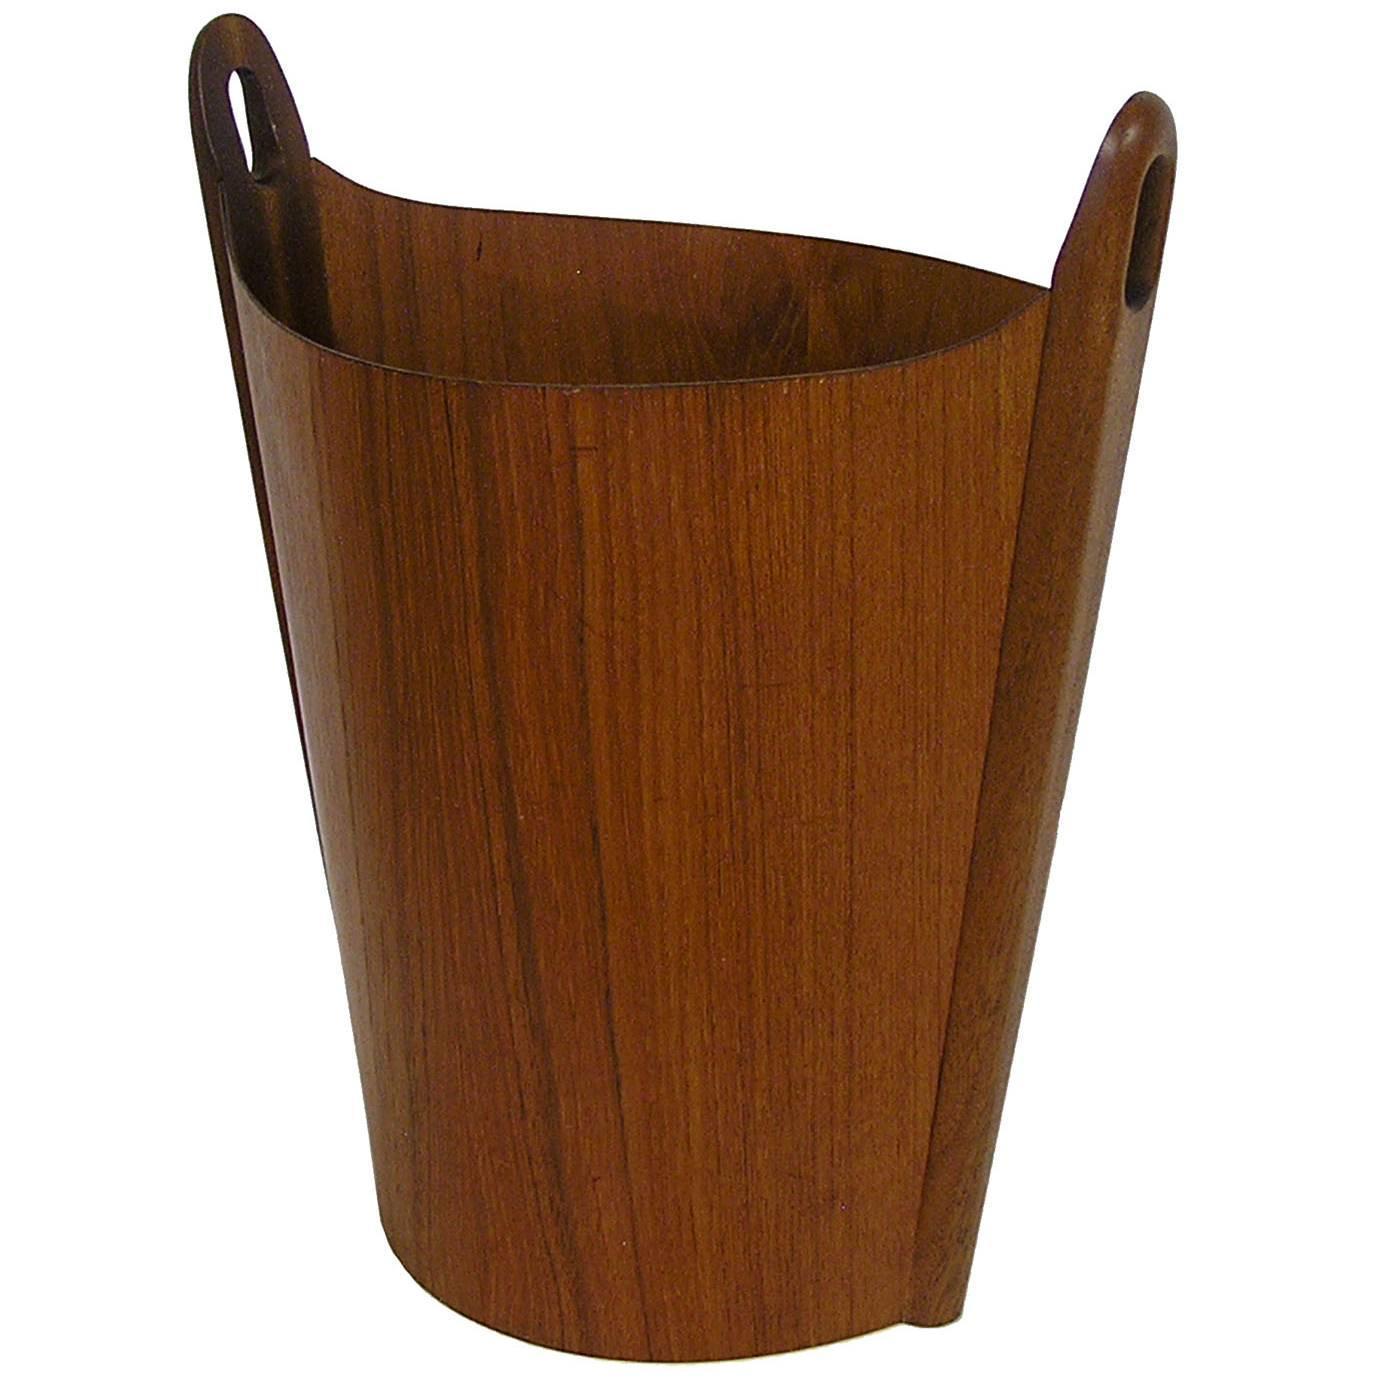 1960s P.S. Heggen Teak Waste Basket by Einar Barnes ...